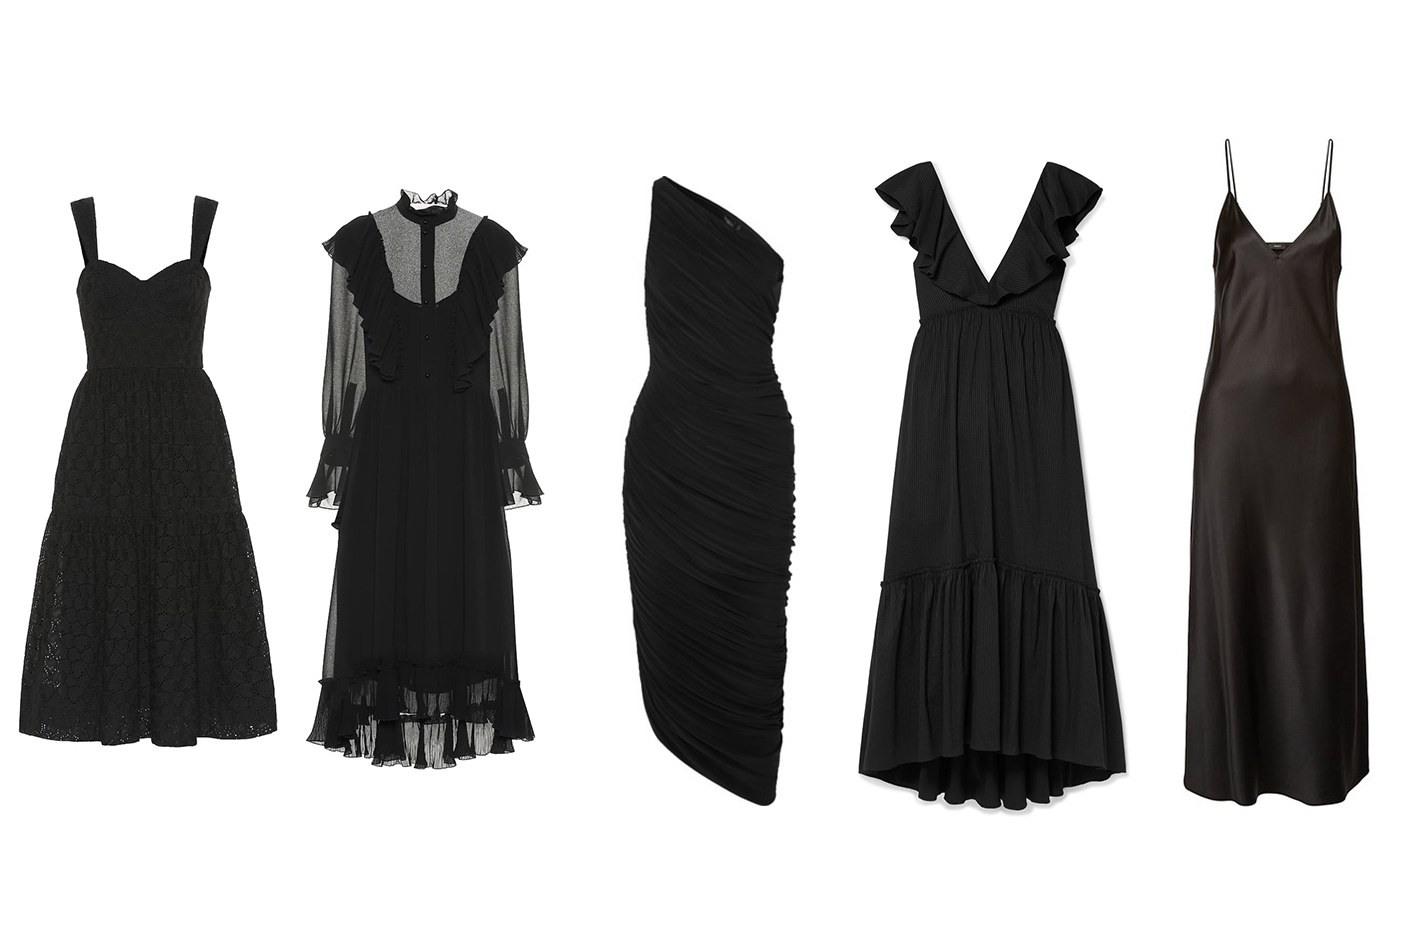 19 Schön Kleines Schwarzes Kleid Cocktailkleid Abend Design